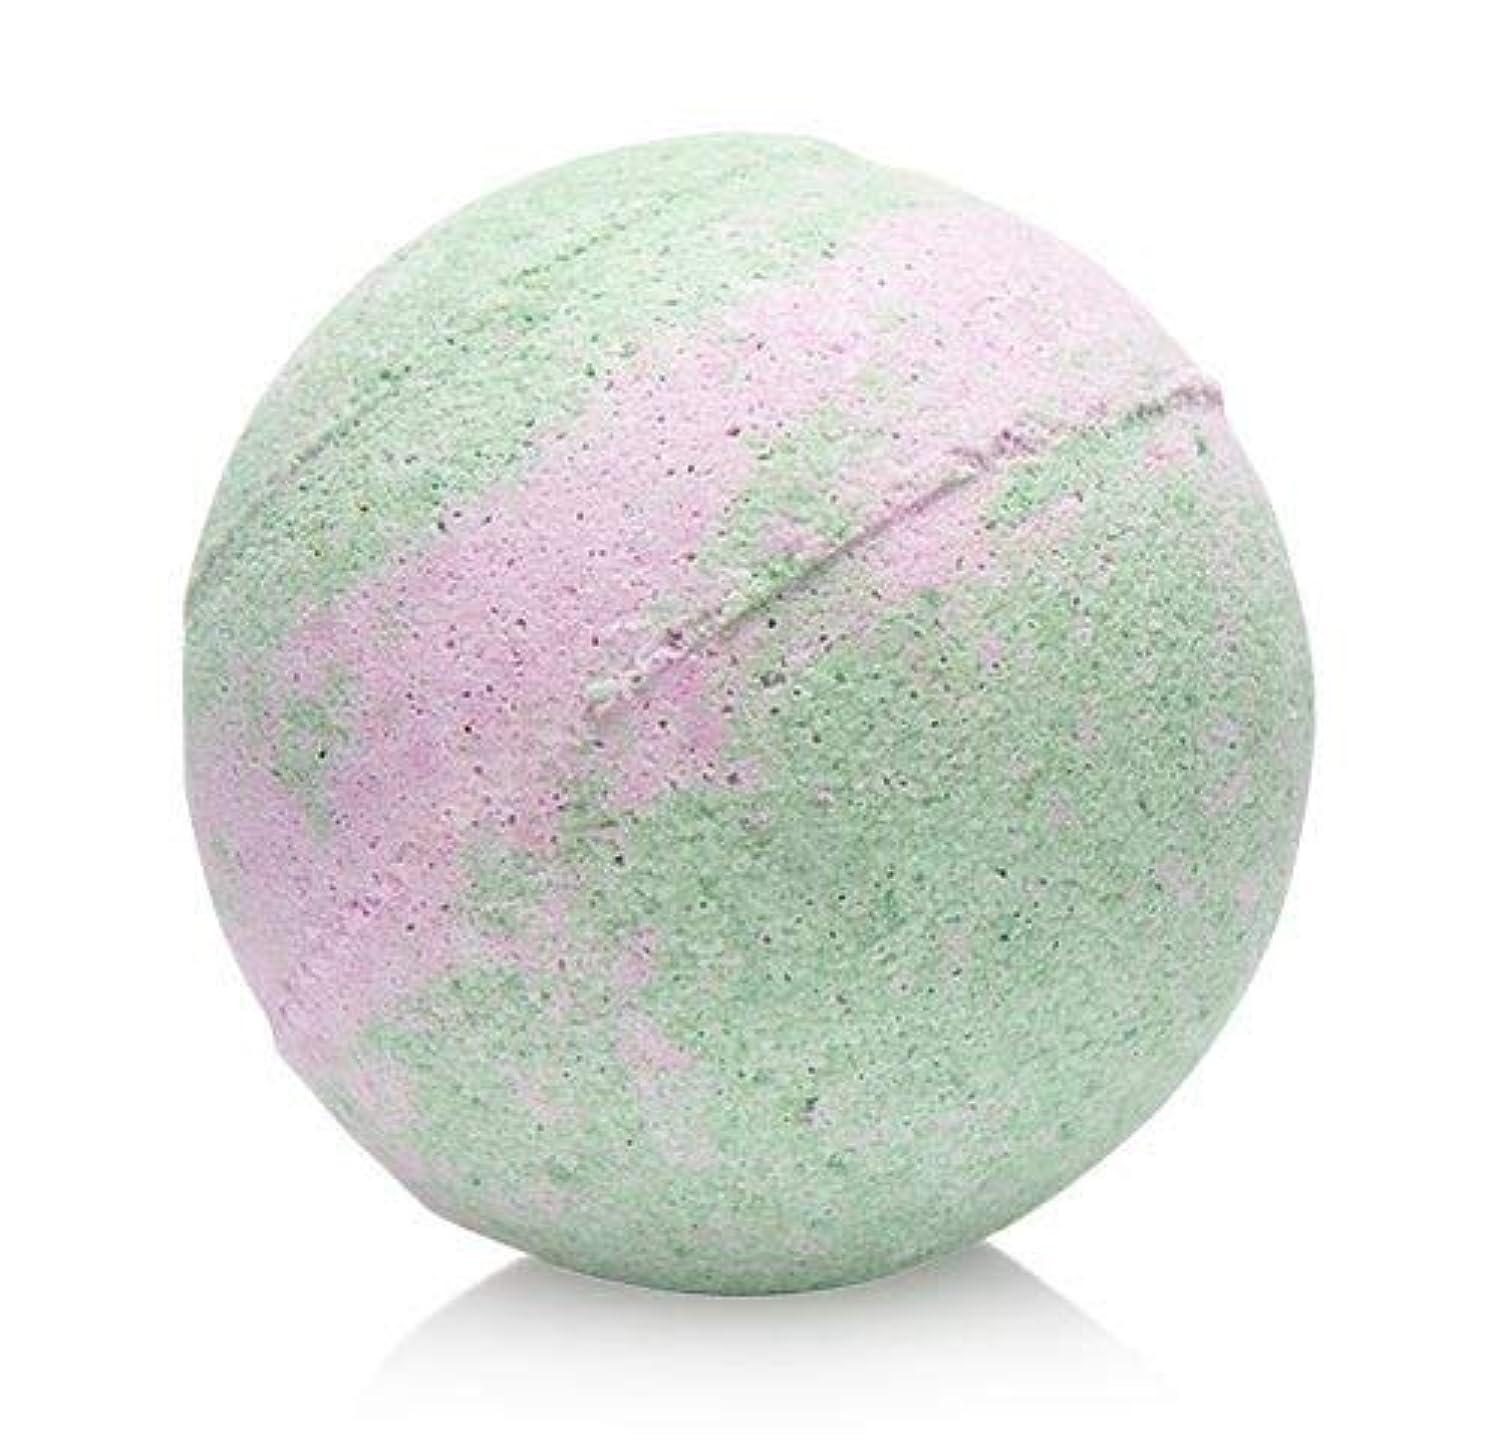 そこ信者編集する【SABON(サボン)】SABONバスボール《ライミーラベンダー》(Limy Lavender)限定 イスラエル発 並行輸入品 海外直送